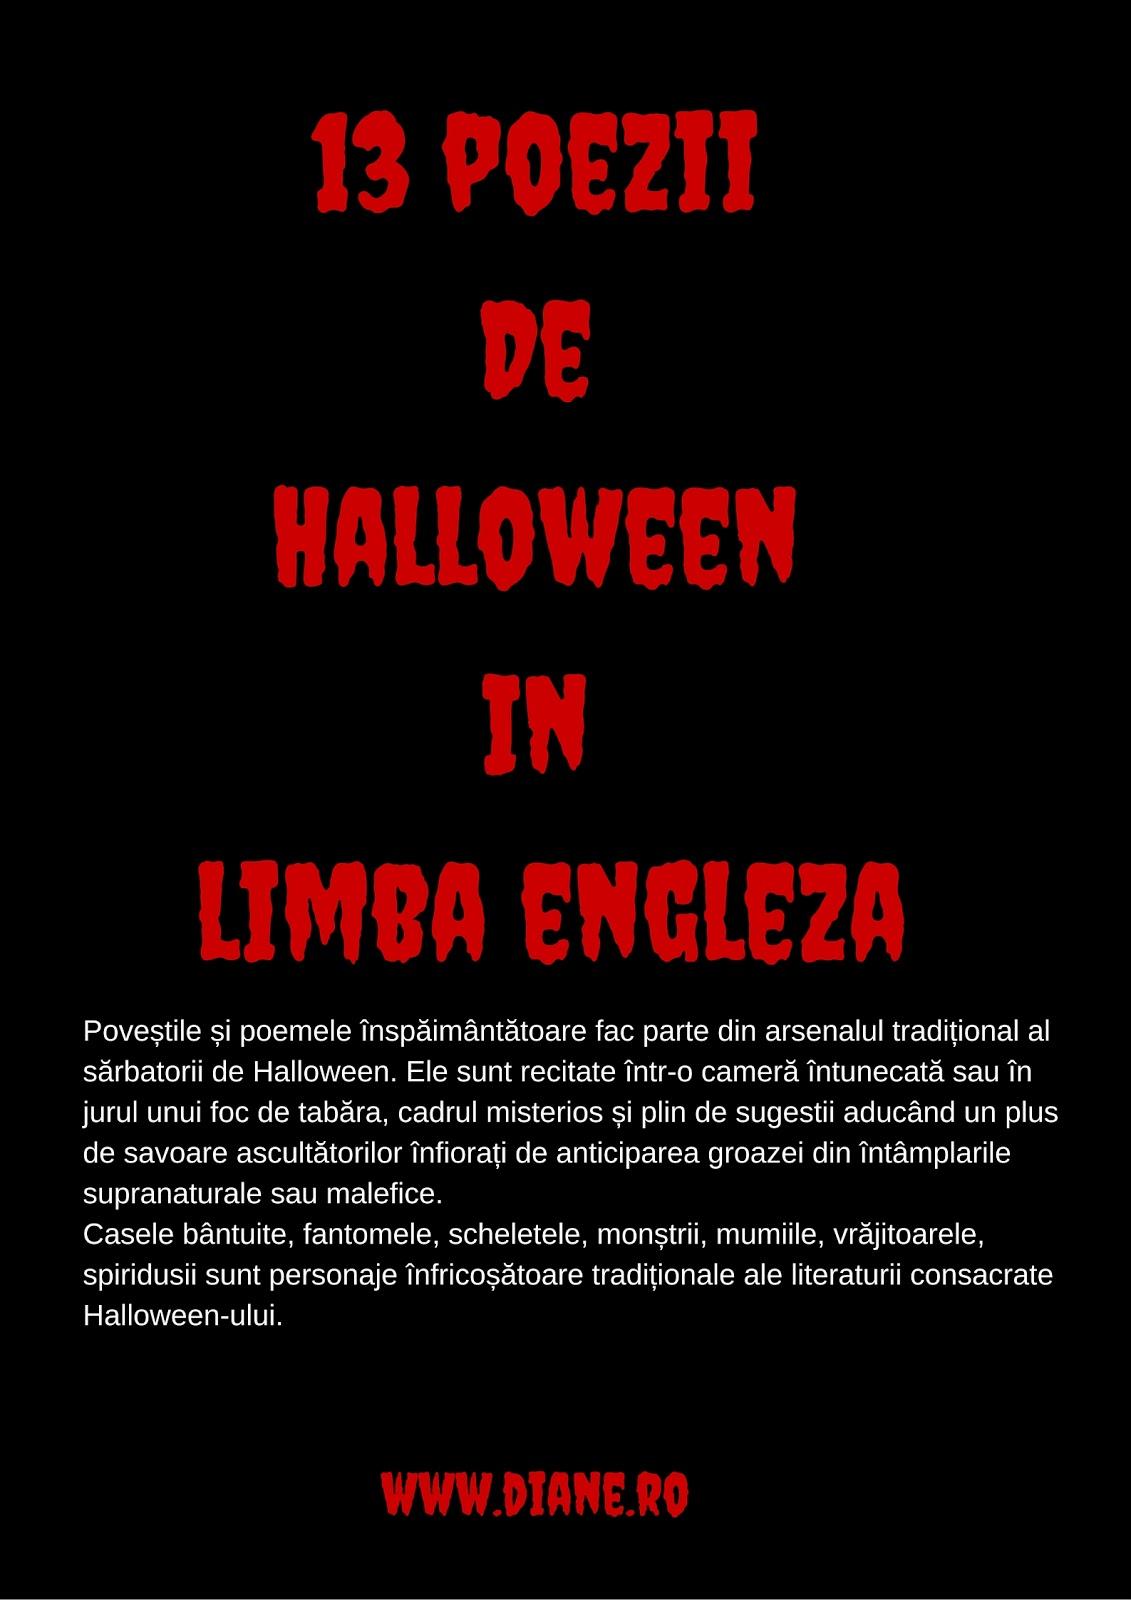 Am Facut N Cele Ce Urmeaz O Selecie Eclectica A Unor Poezii De Halloween Doar Pentru V Da Idee Despre Diversitatea Acestora